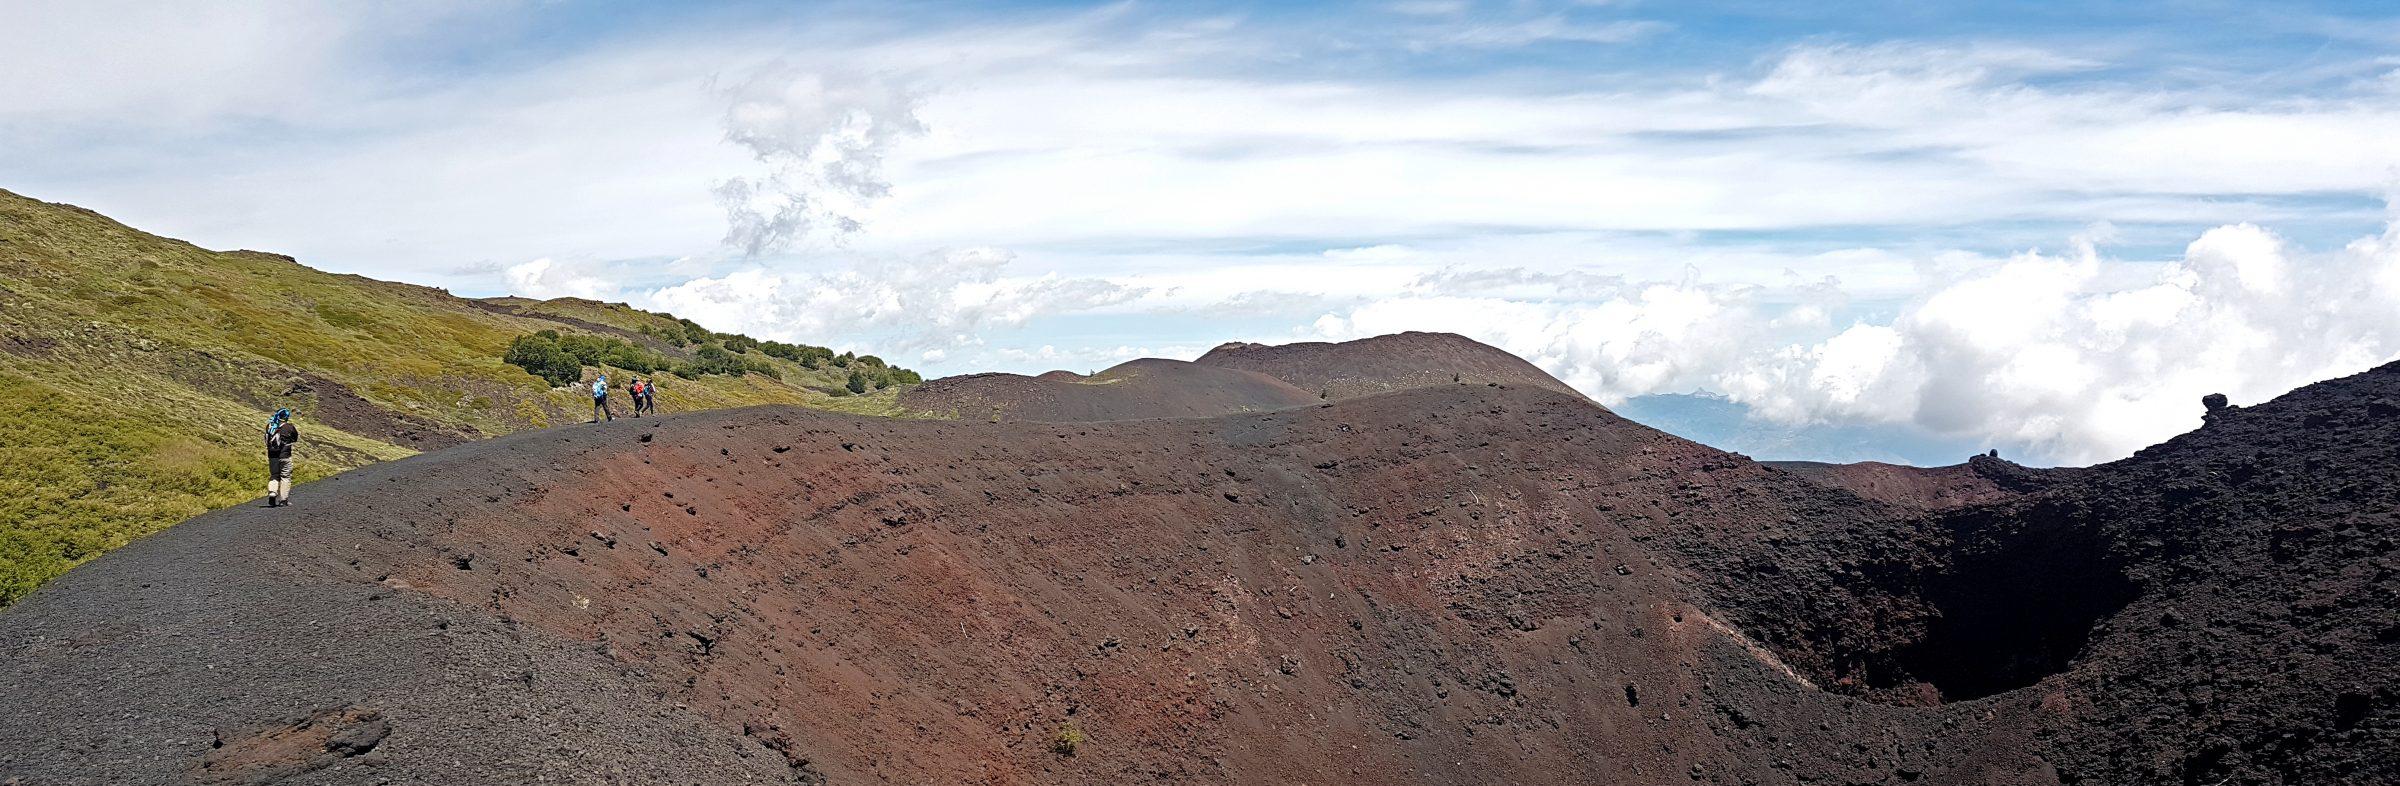 cono cratere 2002